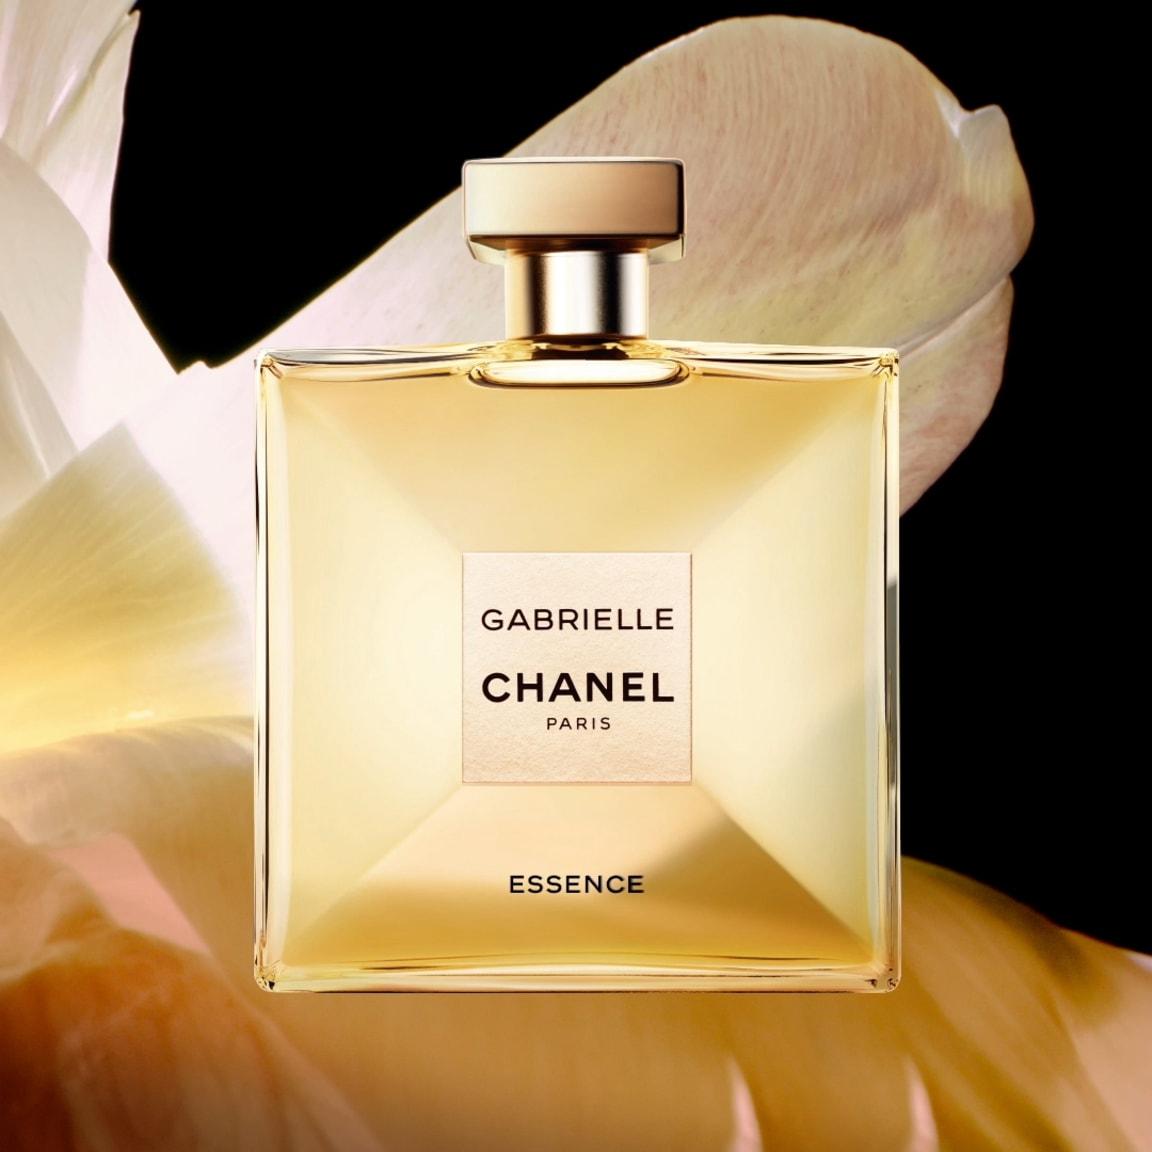 GABRIELLE CHANEL Essence Eau De Parfum Dạng Xịt   CHANEL